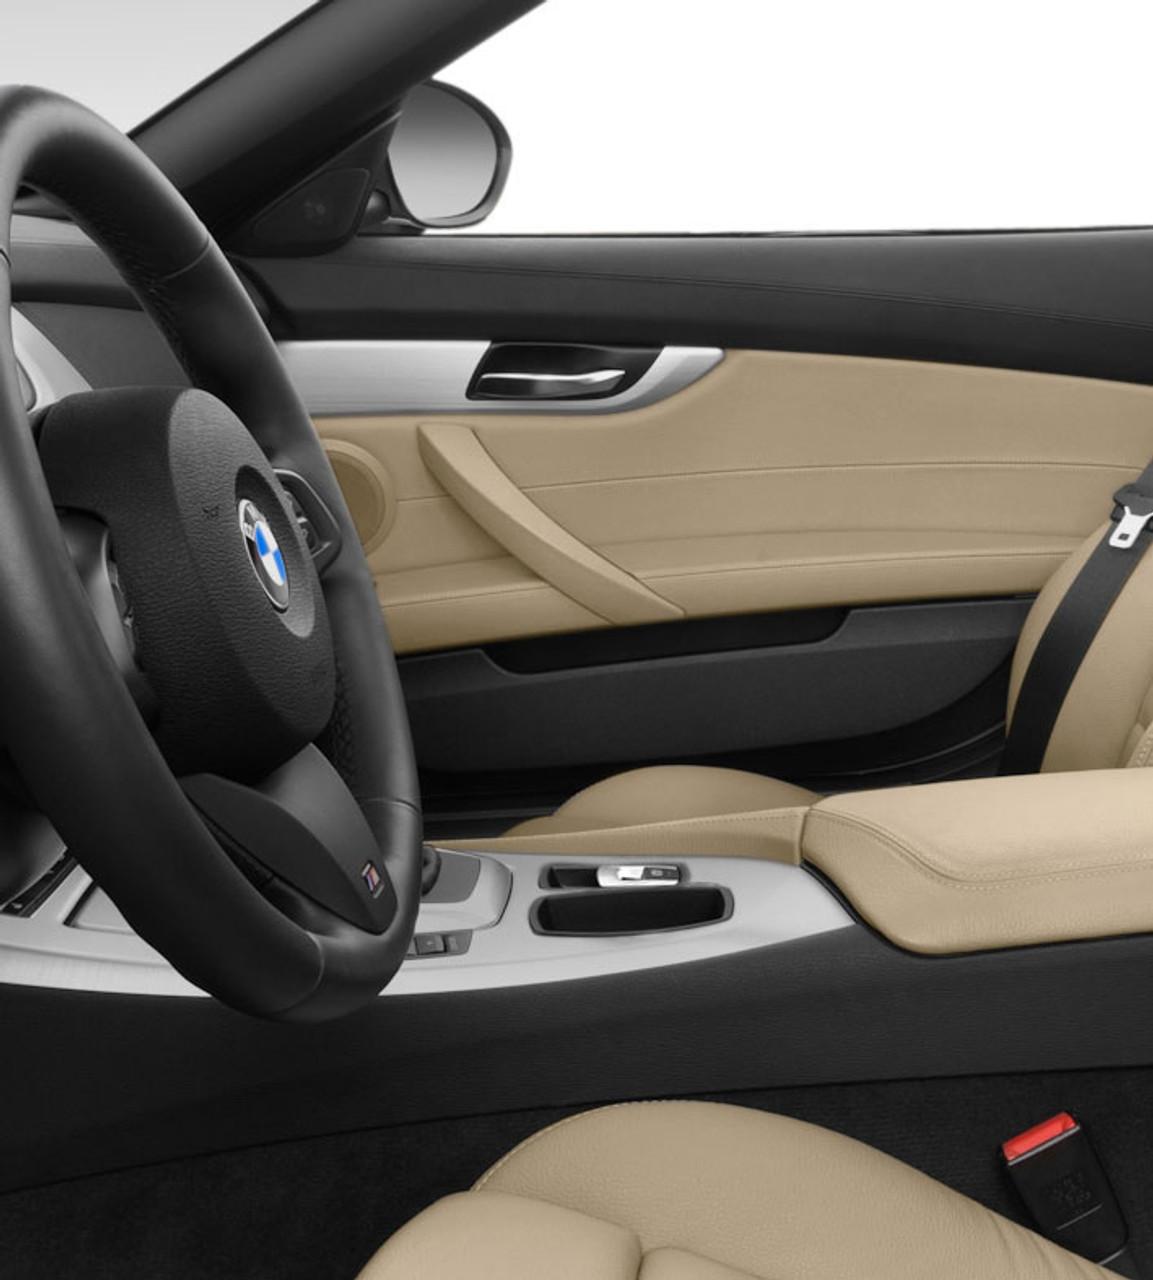 For BMW E36 Front Driver Left Inside Interior Door Handle Trim Febi Bilstein